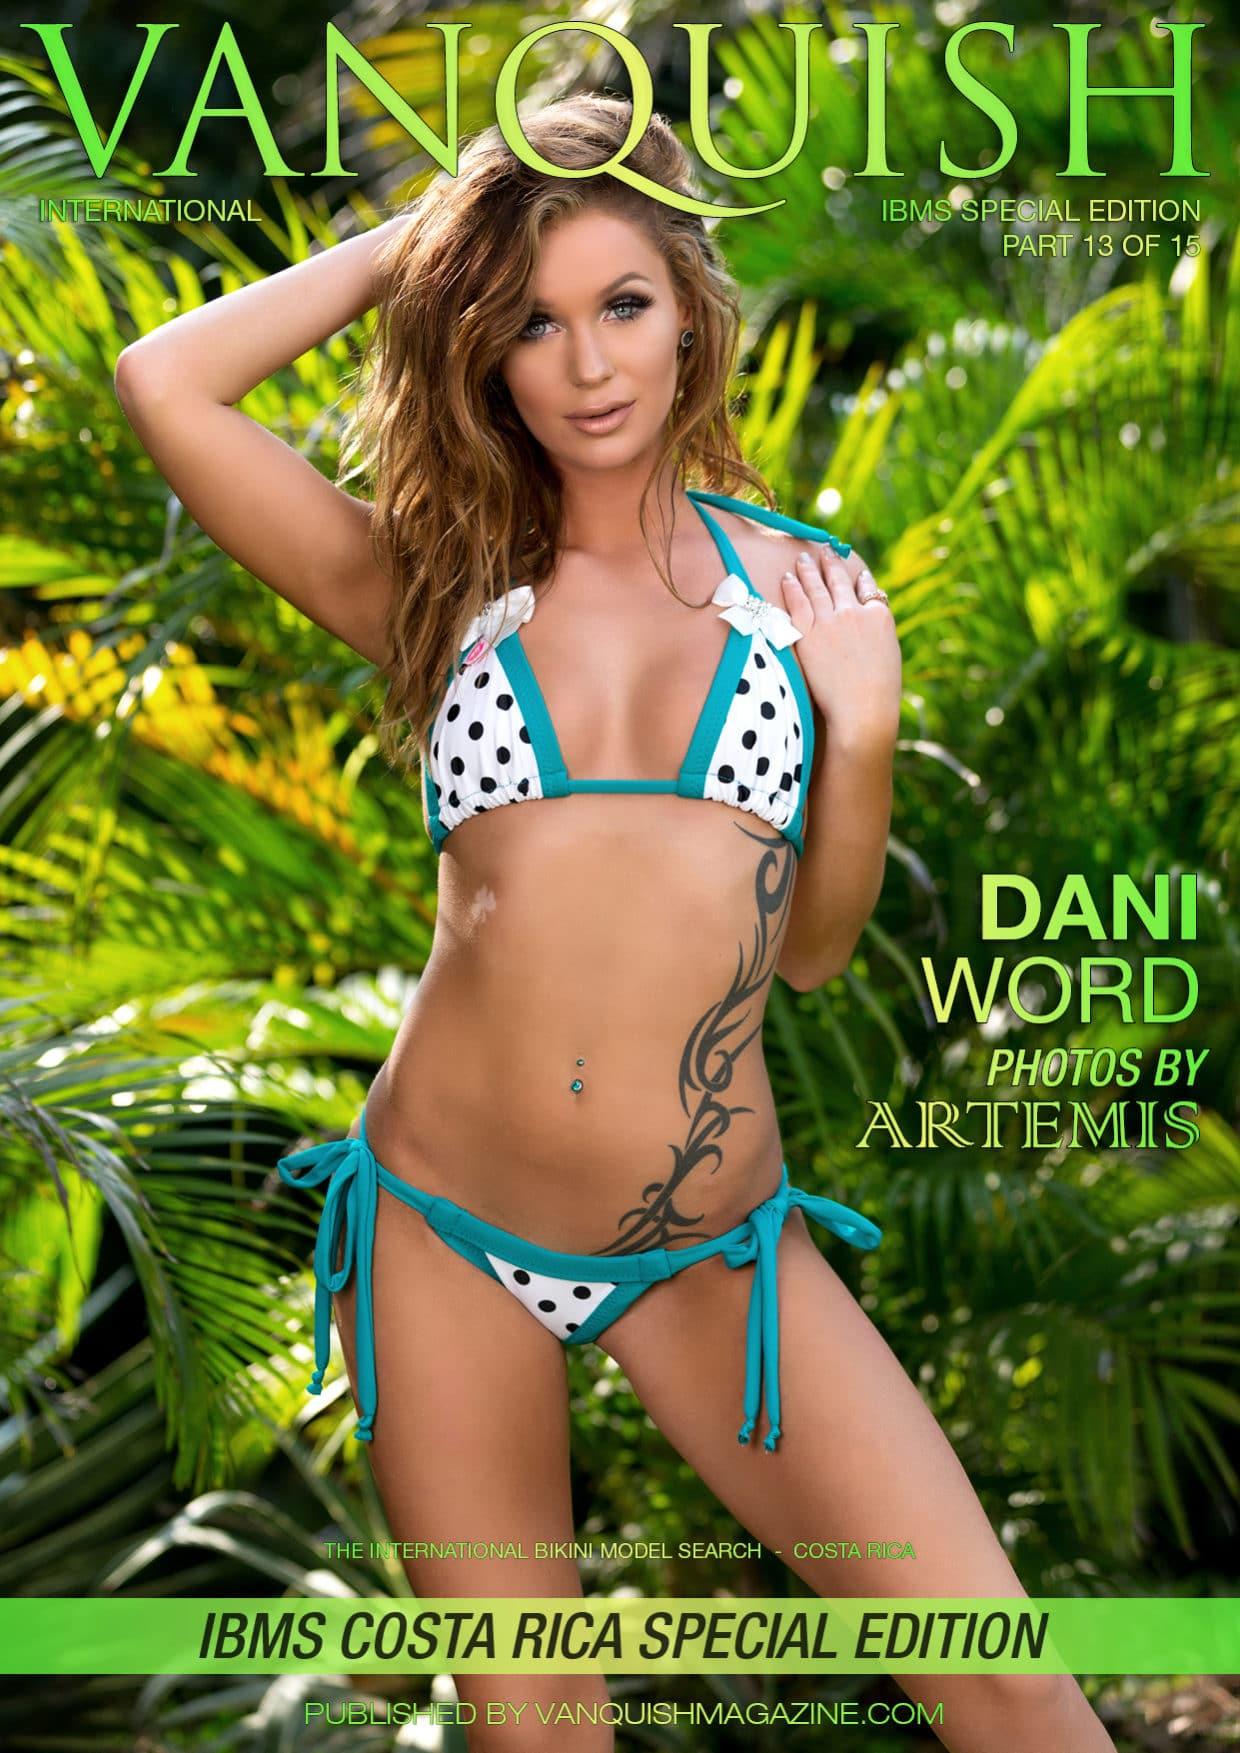 Vanquish Magazine - IBMS Costa Rica - Part 13 - Dani Word 1